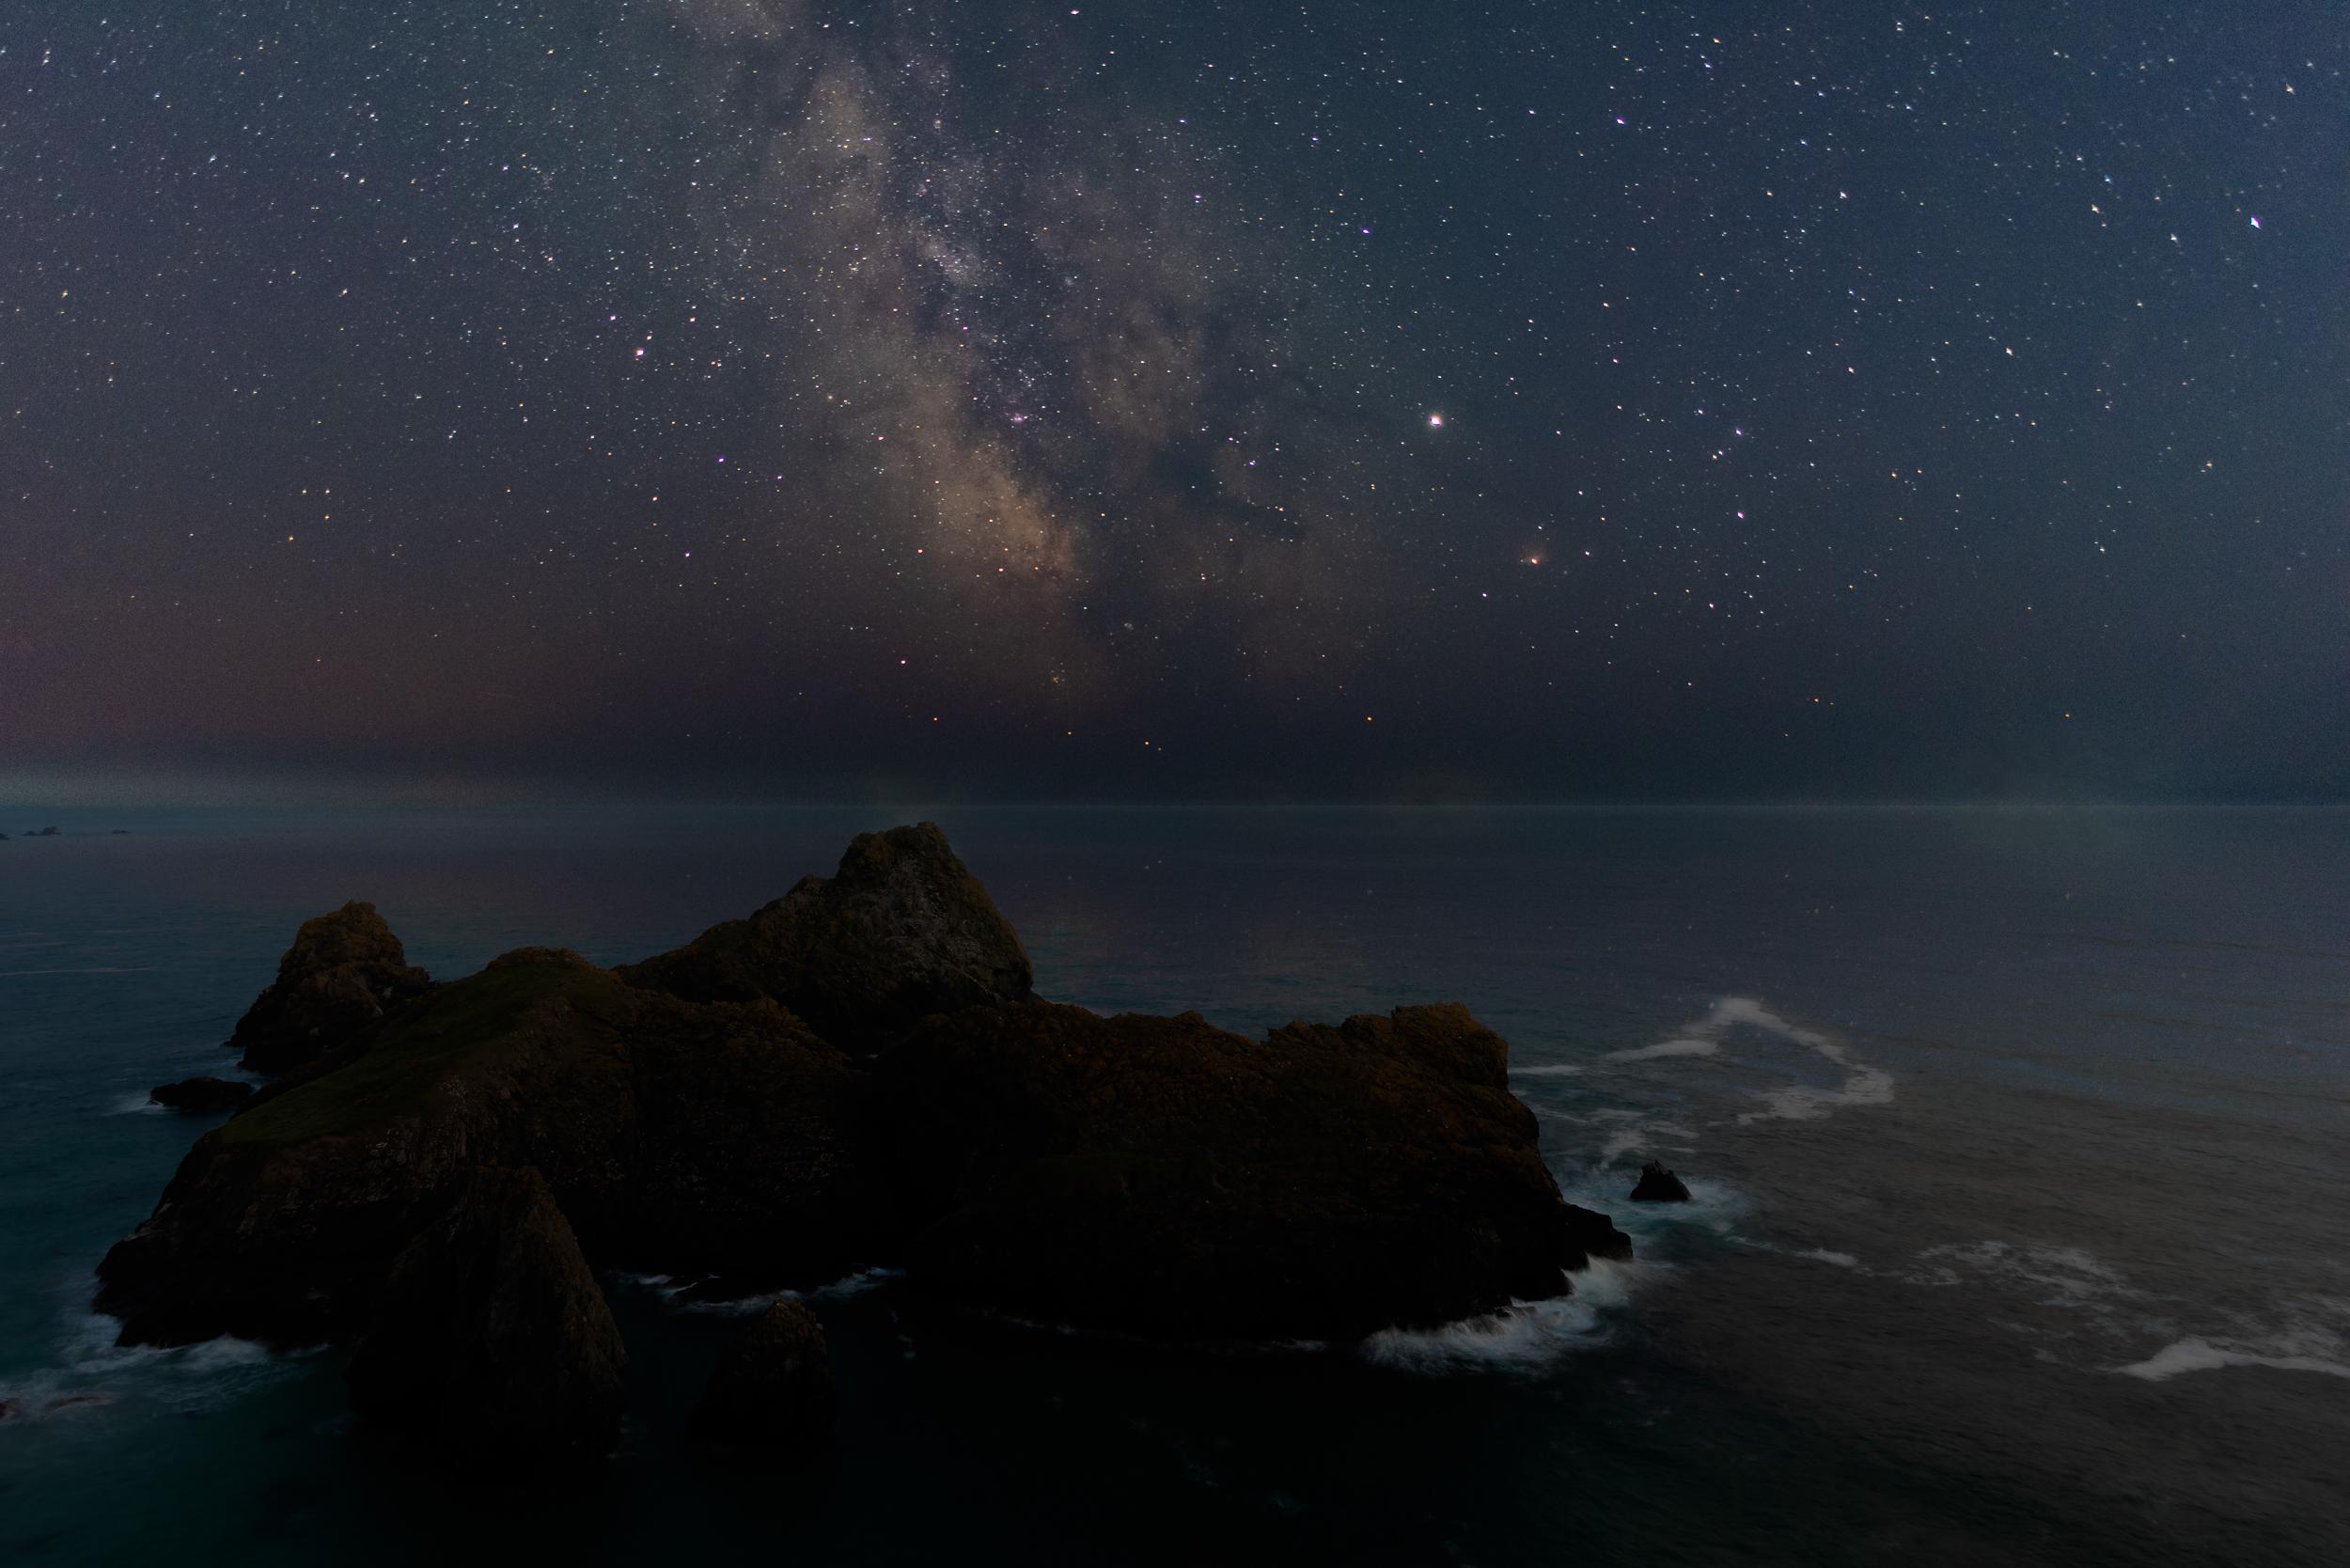 night-sky-milky-way-galaxy.jpg